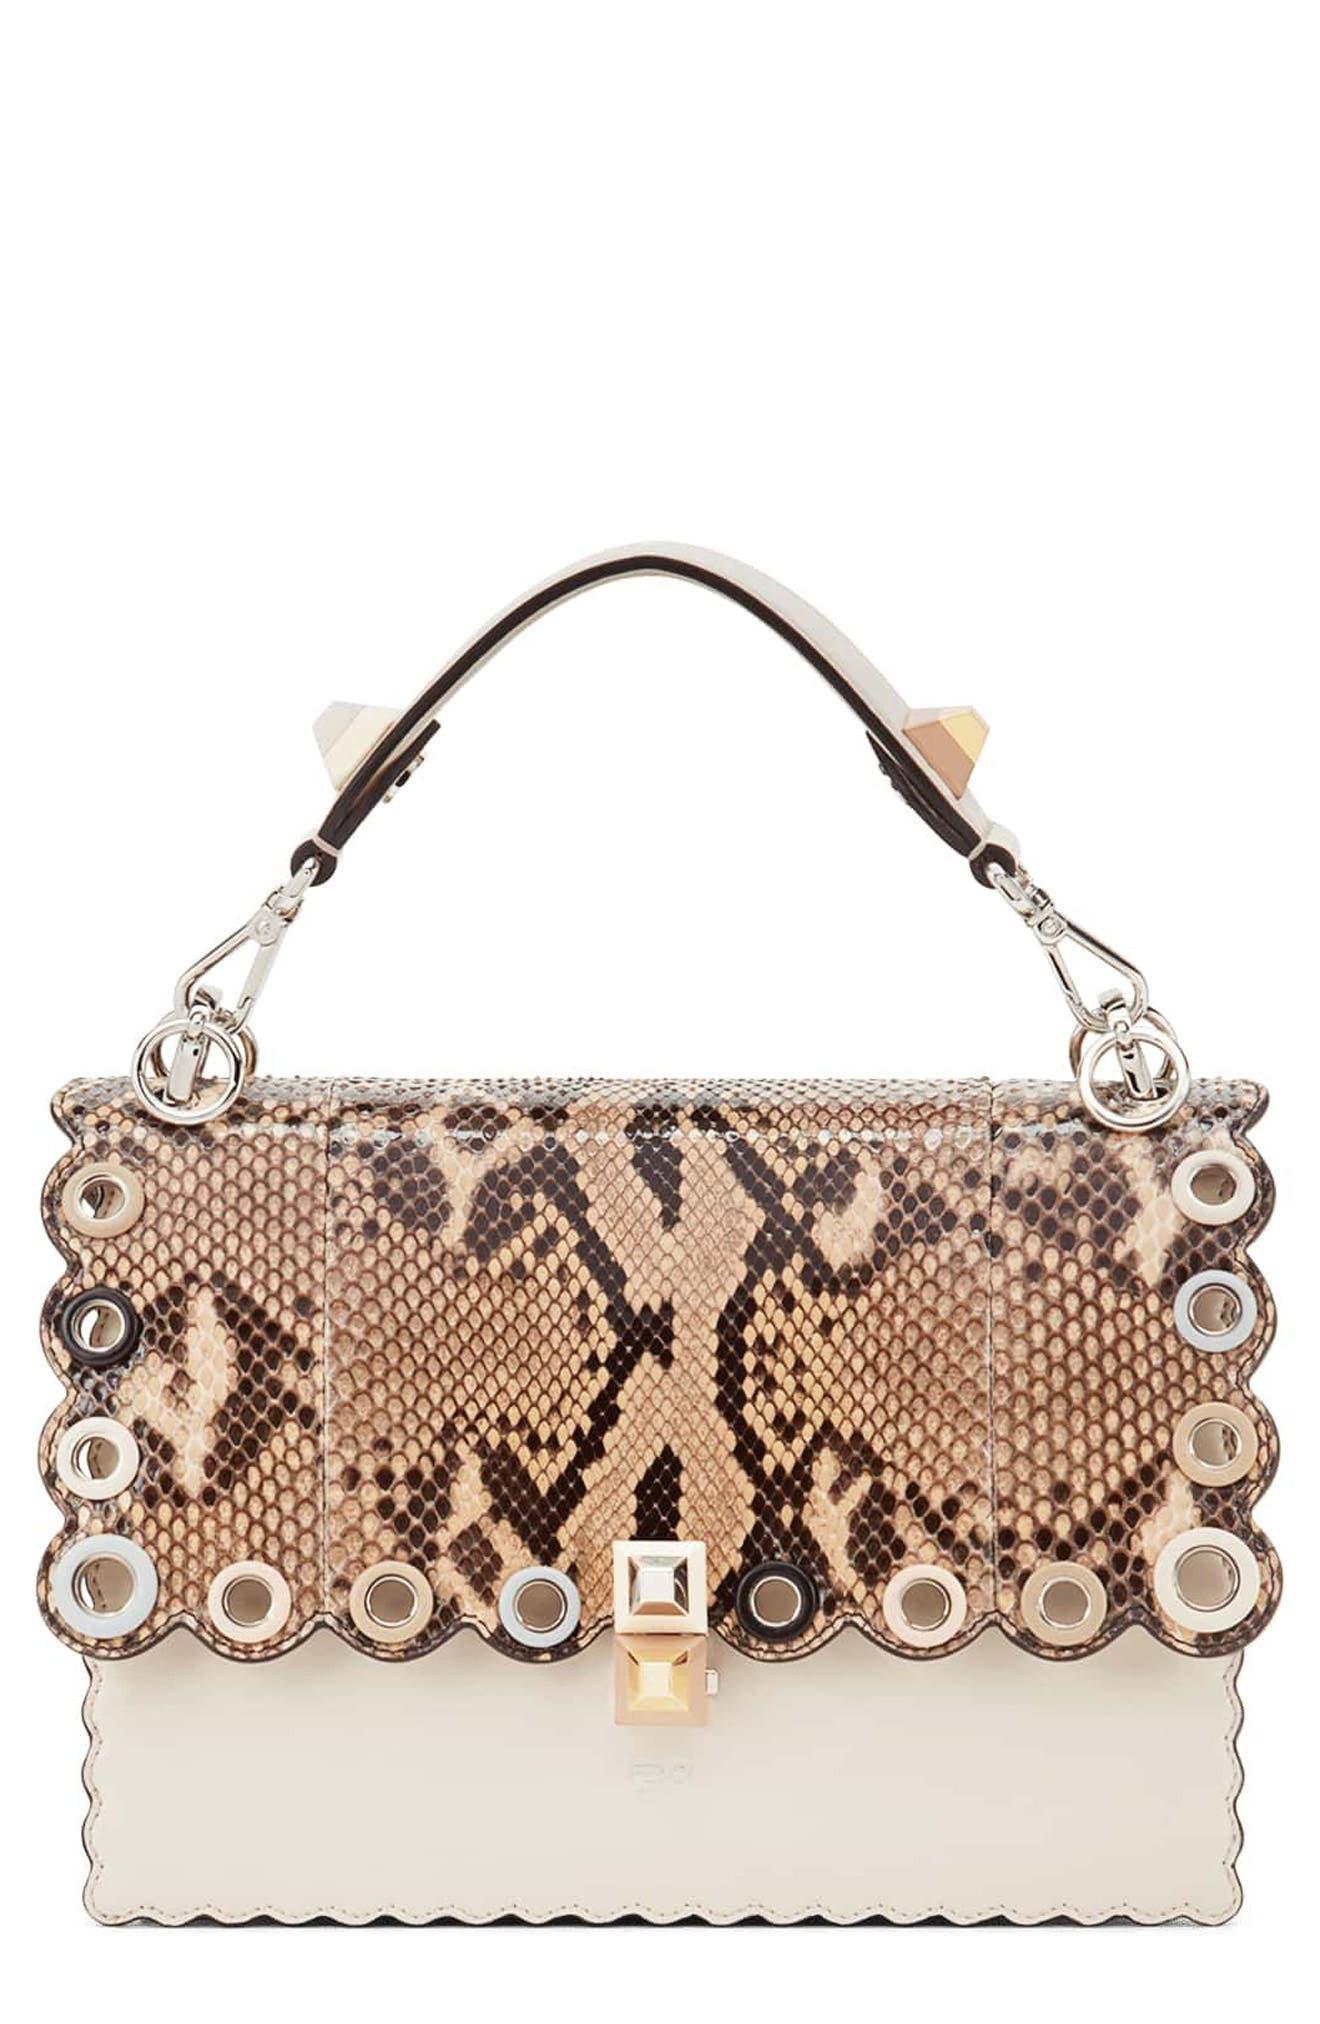 Small Kan I Genuine Python & Calfskin Shoulder Bag,                             Main thumbnail 1, color,                             Camelia/ Makeup/ Python